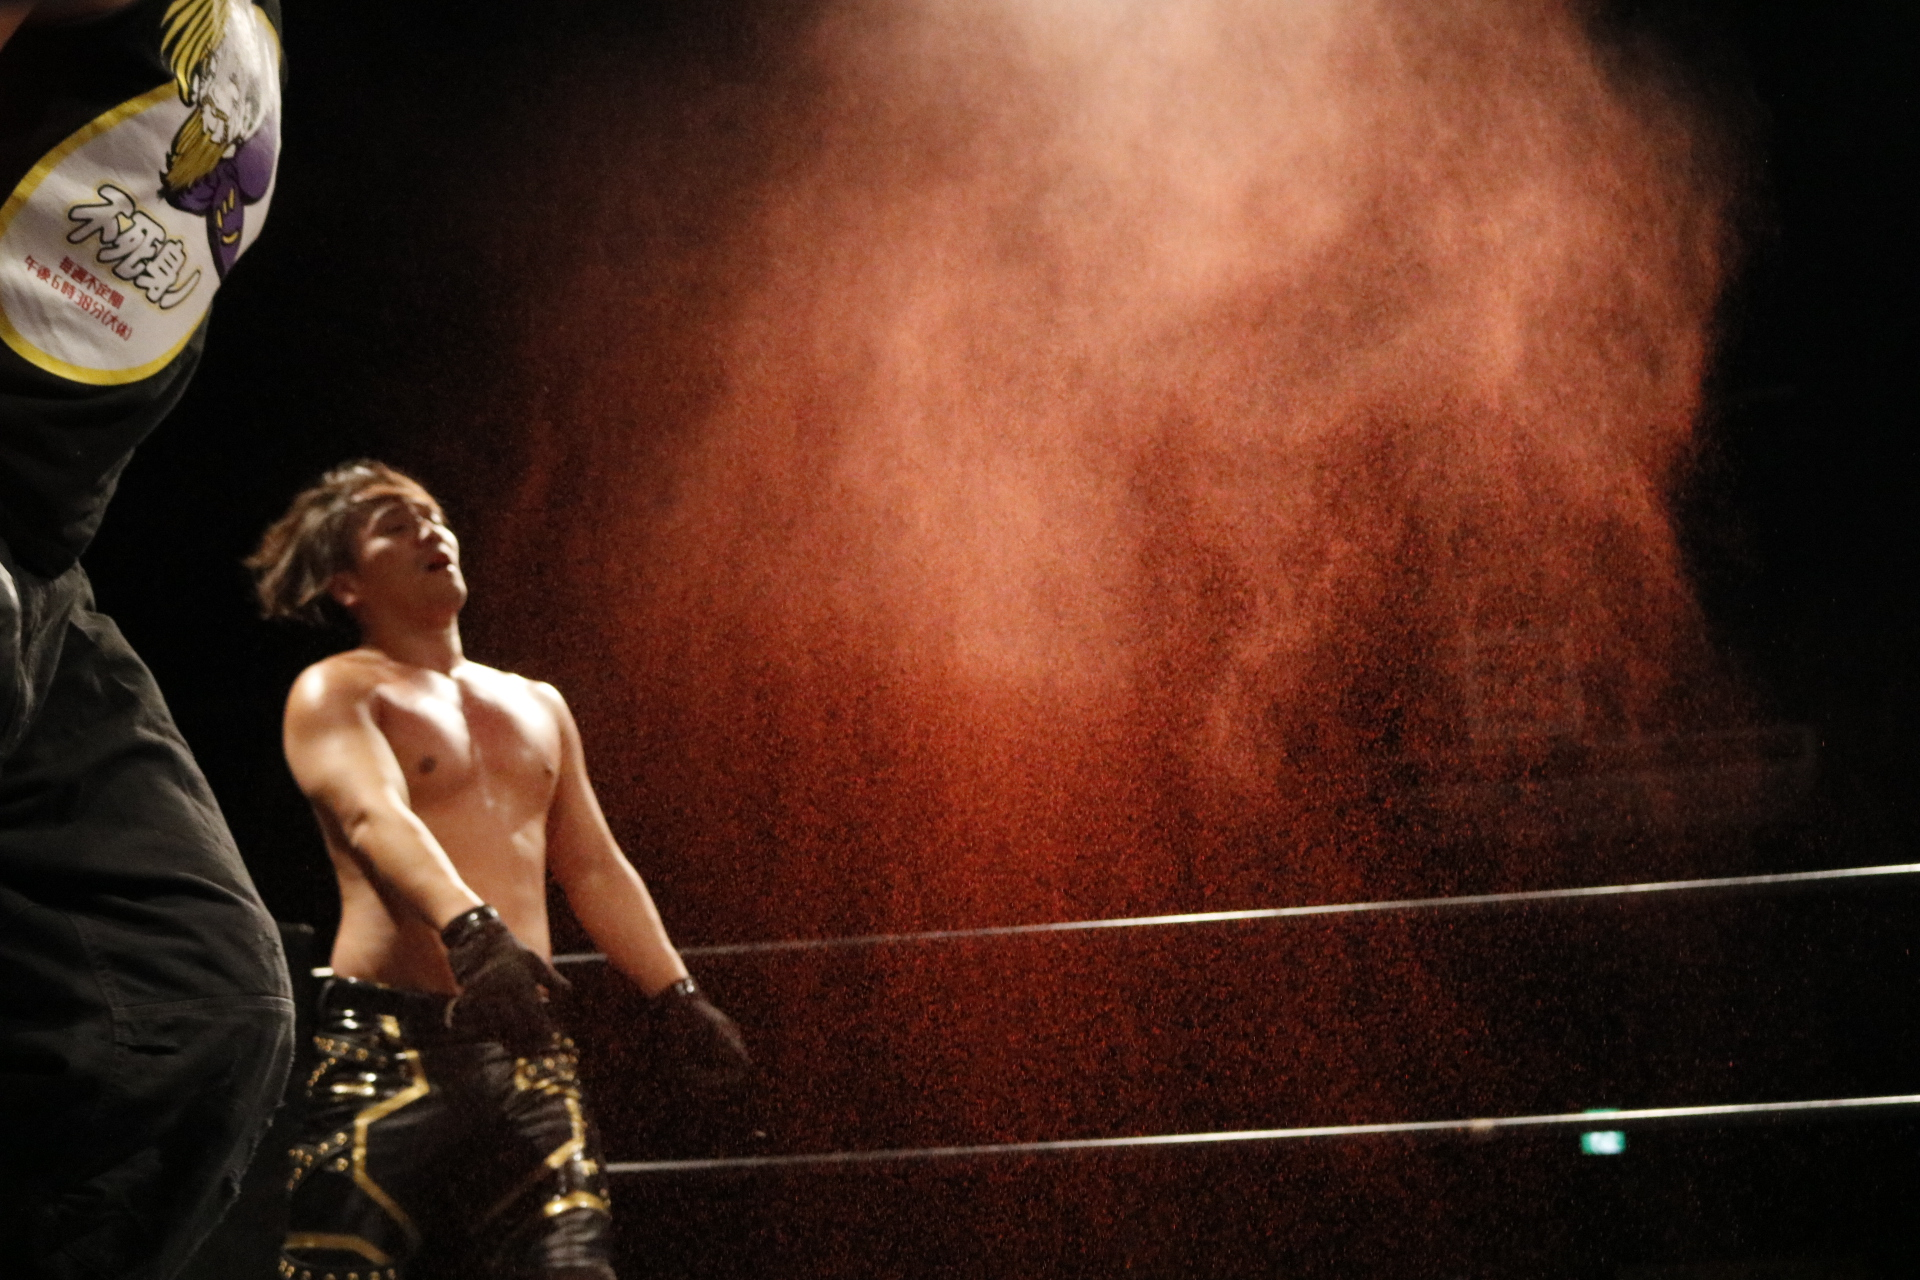 10月23日プロレスリング・カメラ【オンライン写真展】開催のご案内